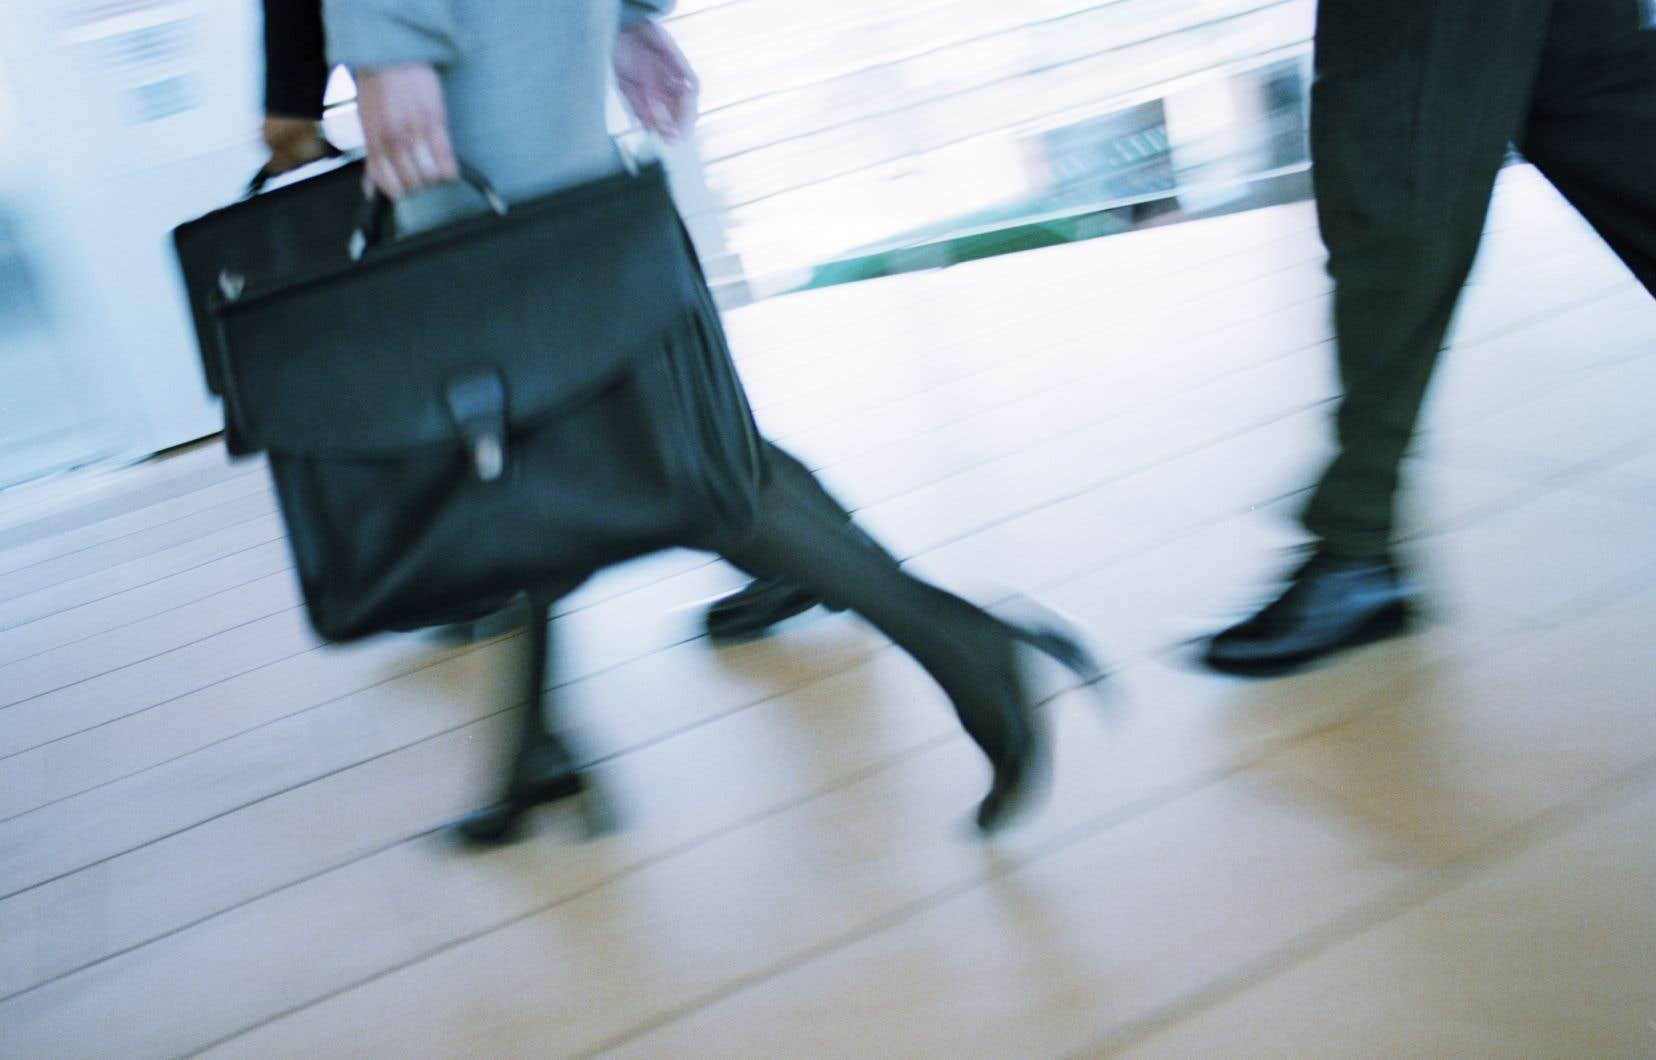 La vice-première ministre et ministre des Finances, Chrystia Freeland, a annoncé mardi à Longueuil l'octroi d'une subvention de 1,05 million $ au Réseau des femmes d'affaires du Québec (RFAQ).